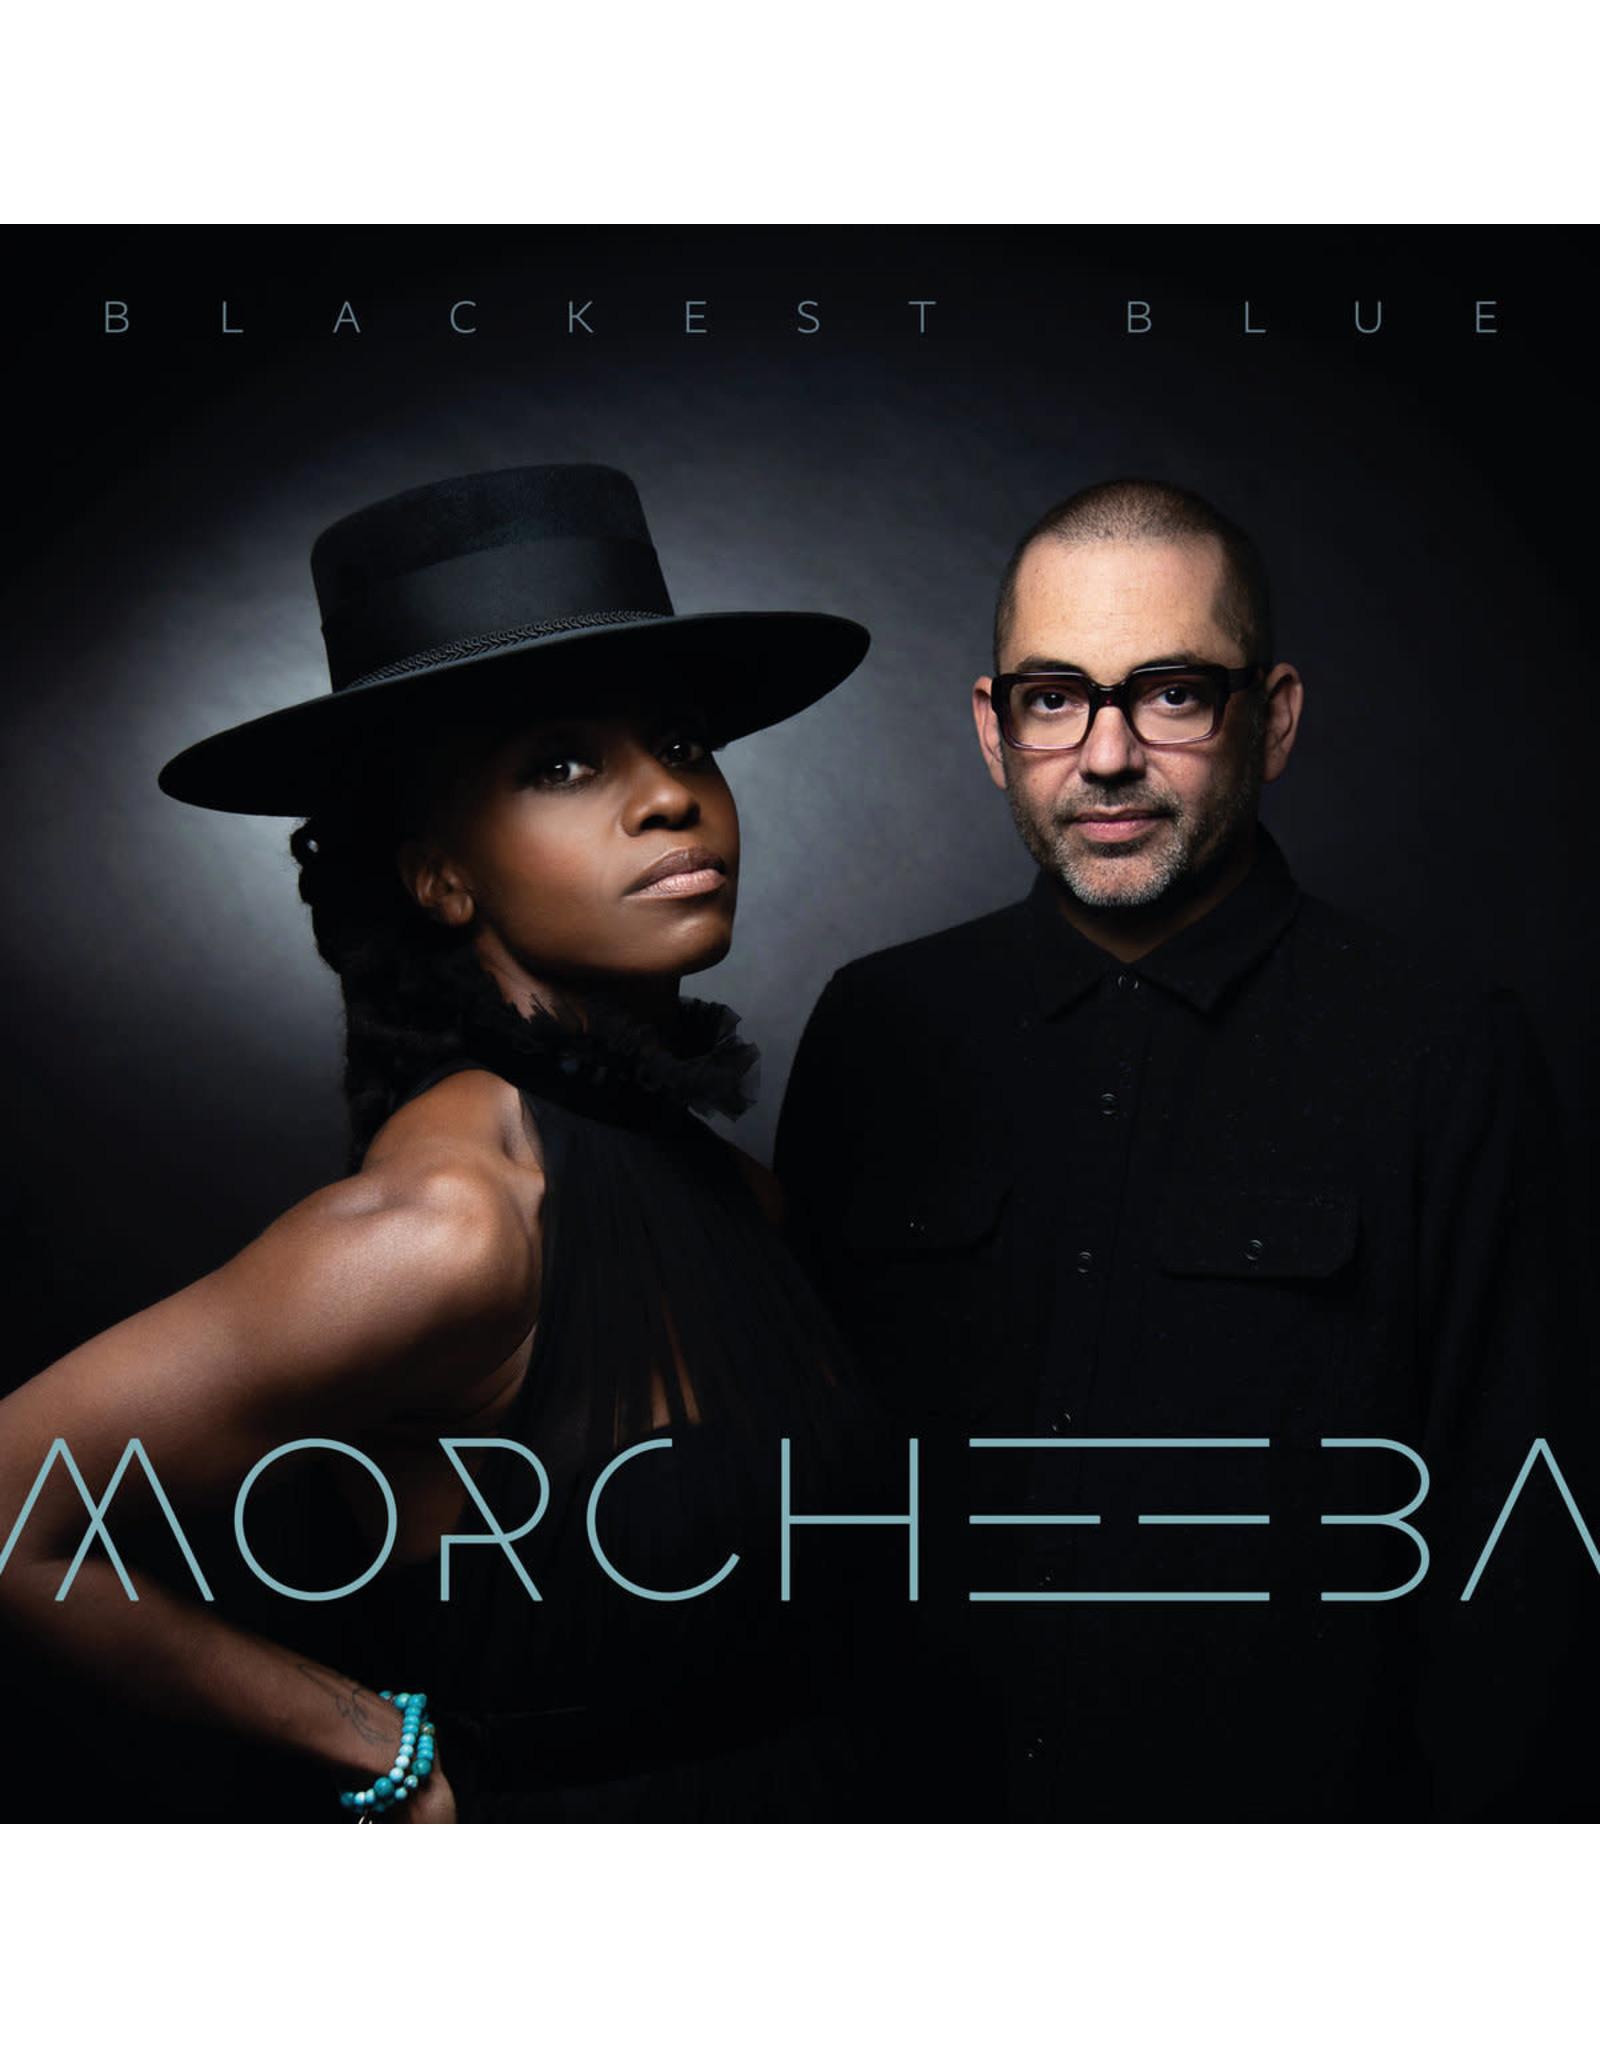 Morcheeba - Blackest Blue LP (Indie Exclusive White Vinyl + Bonus 7-inch)